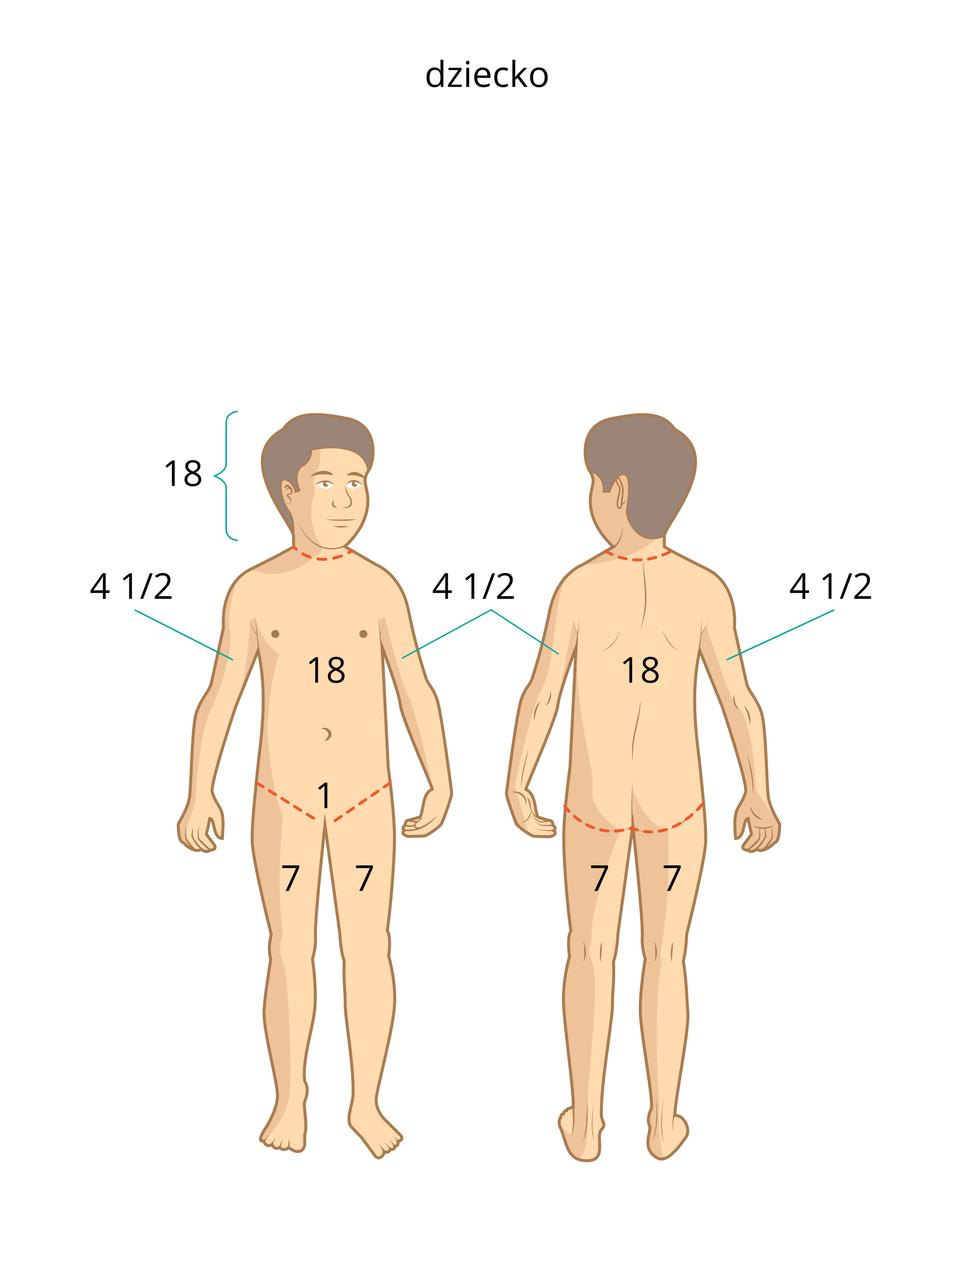 Ilustracja 2, dziecko wwieku szkolnym. Różne liczby umieszczone są: liczba 18 to głowa, korpus oraz plecy. Liczba 7 to uda. Liczba 1 umieszczona na kroczu. Liczba 4 ½ znajduje się powyżej łokci.